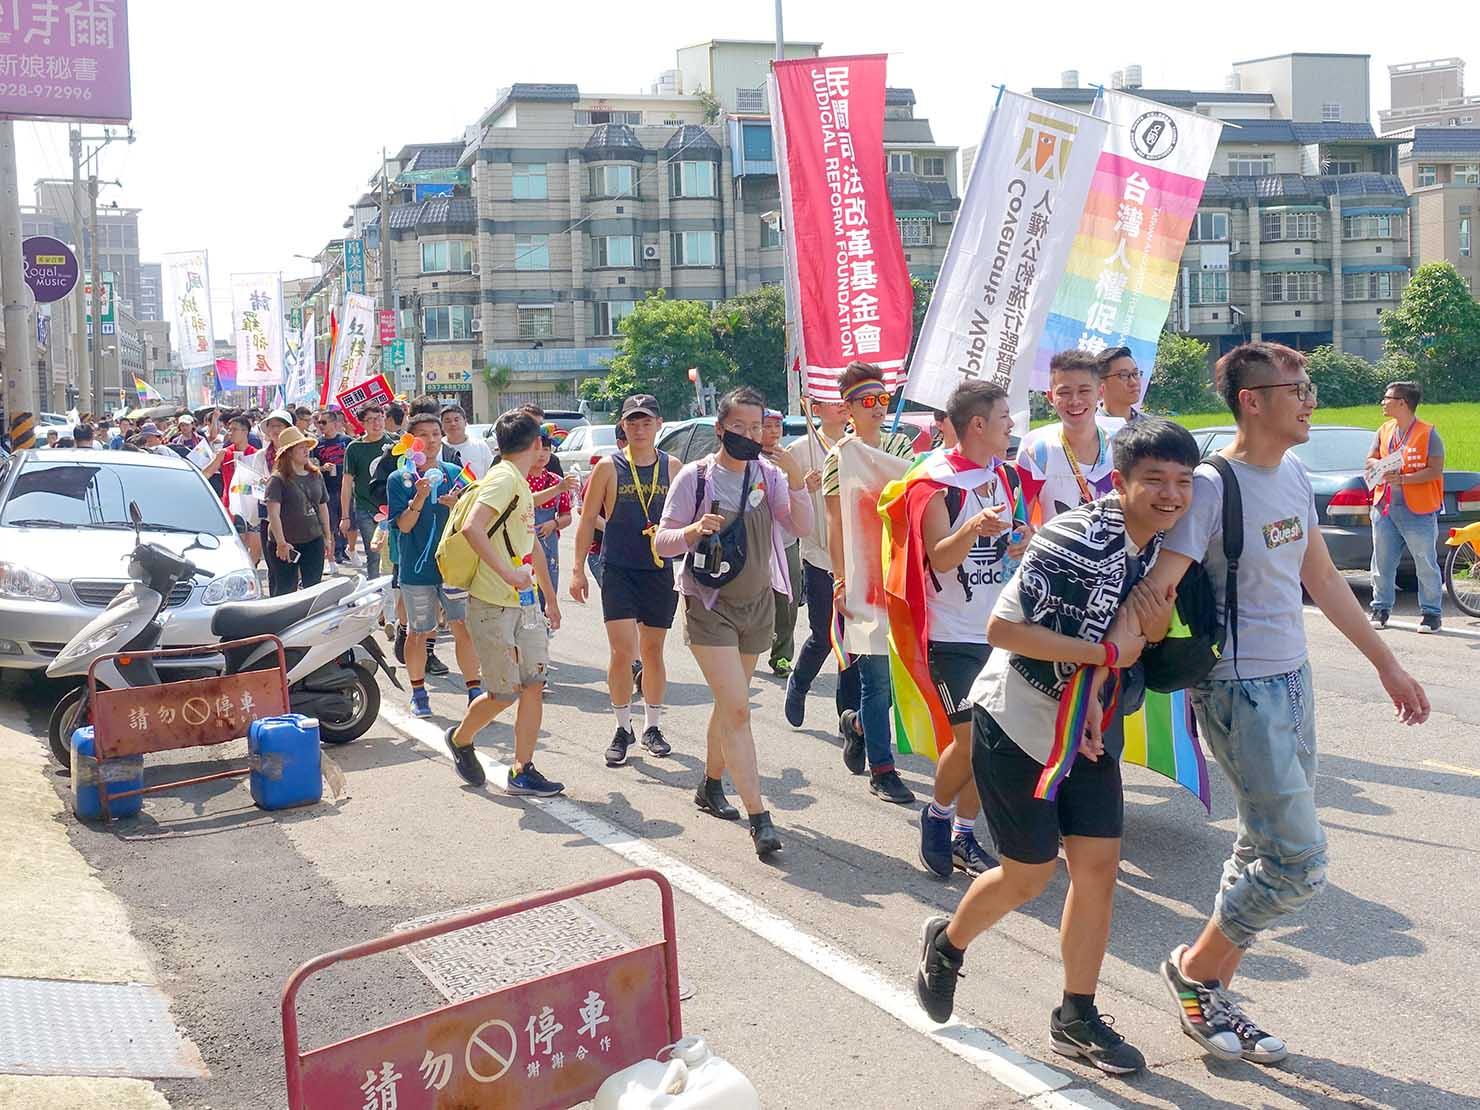 苗栗愛轉來平權遊行(苗栗LGBTプライド)2019でパレードを歩く参加者たち